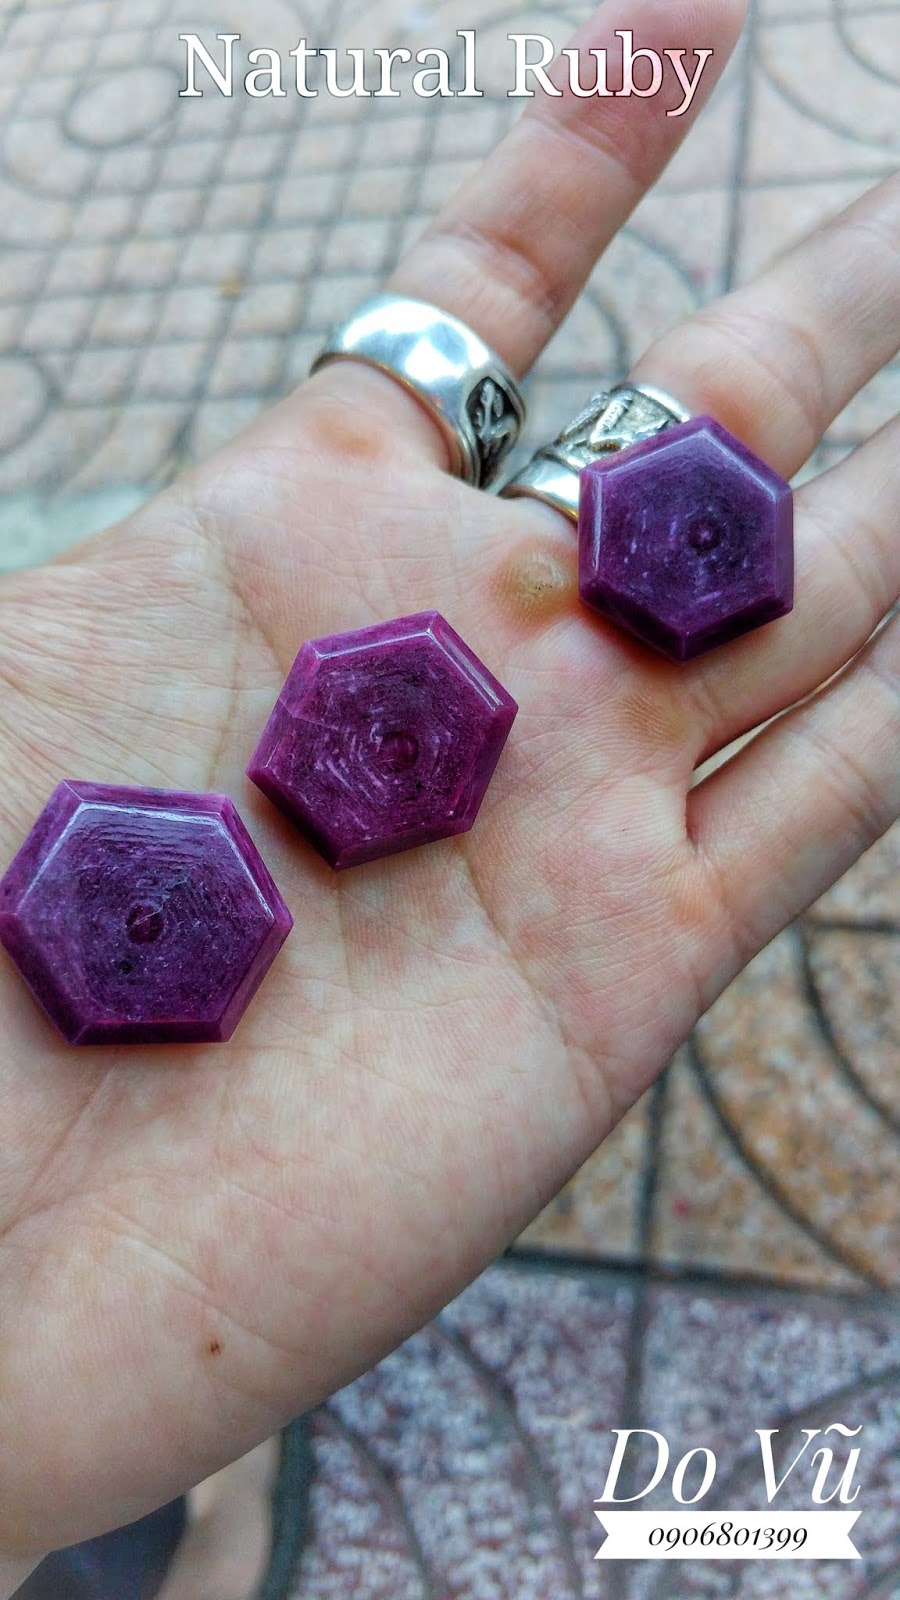 Đá quý Ruby thiên nhiên, Natural Ruby chế tác hình lục giác